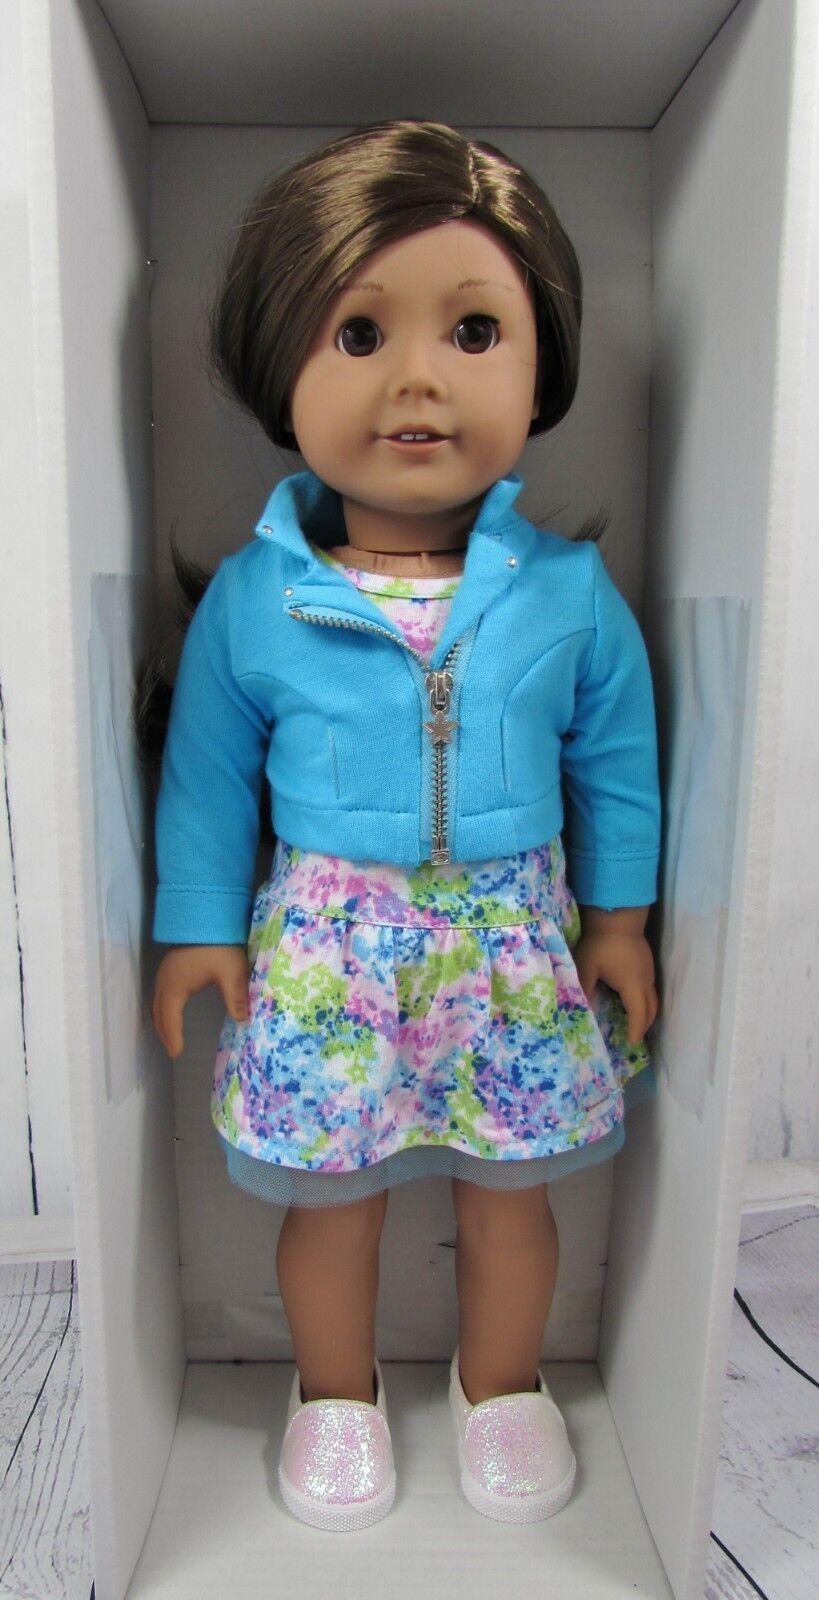 Auténtica Muñeca American Girl Marrón Cabello y ojos marróns-Nuevo Y En Caja